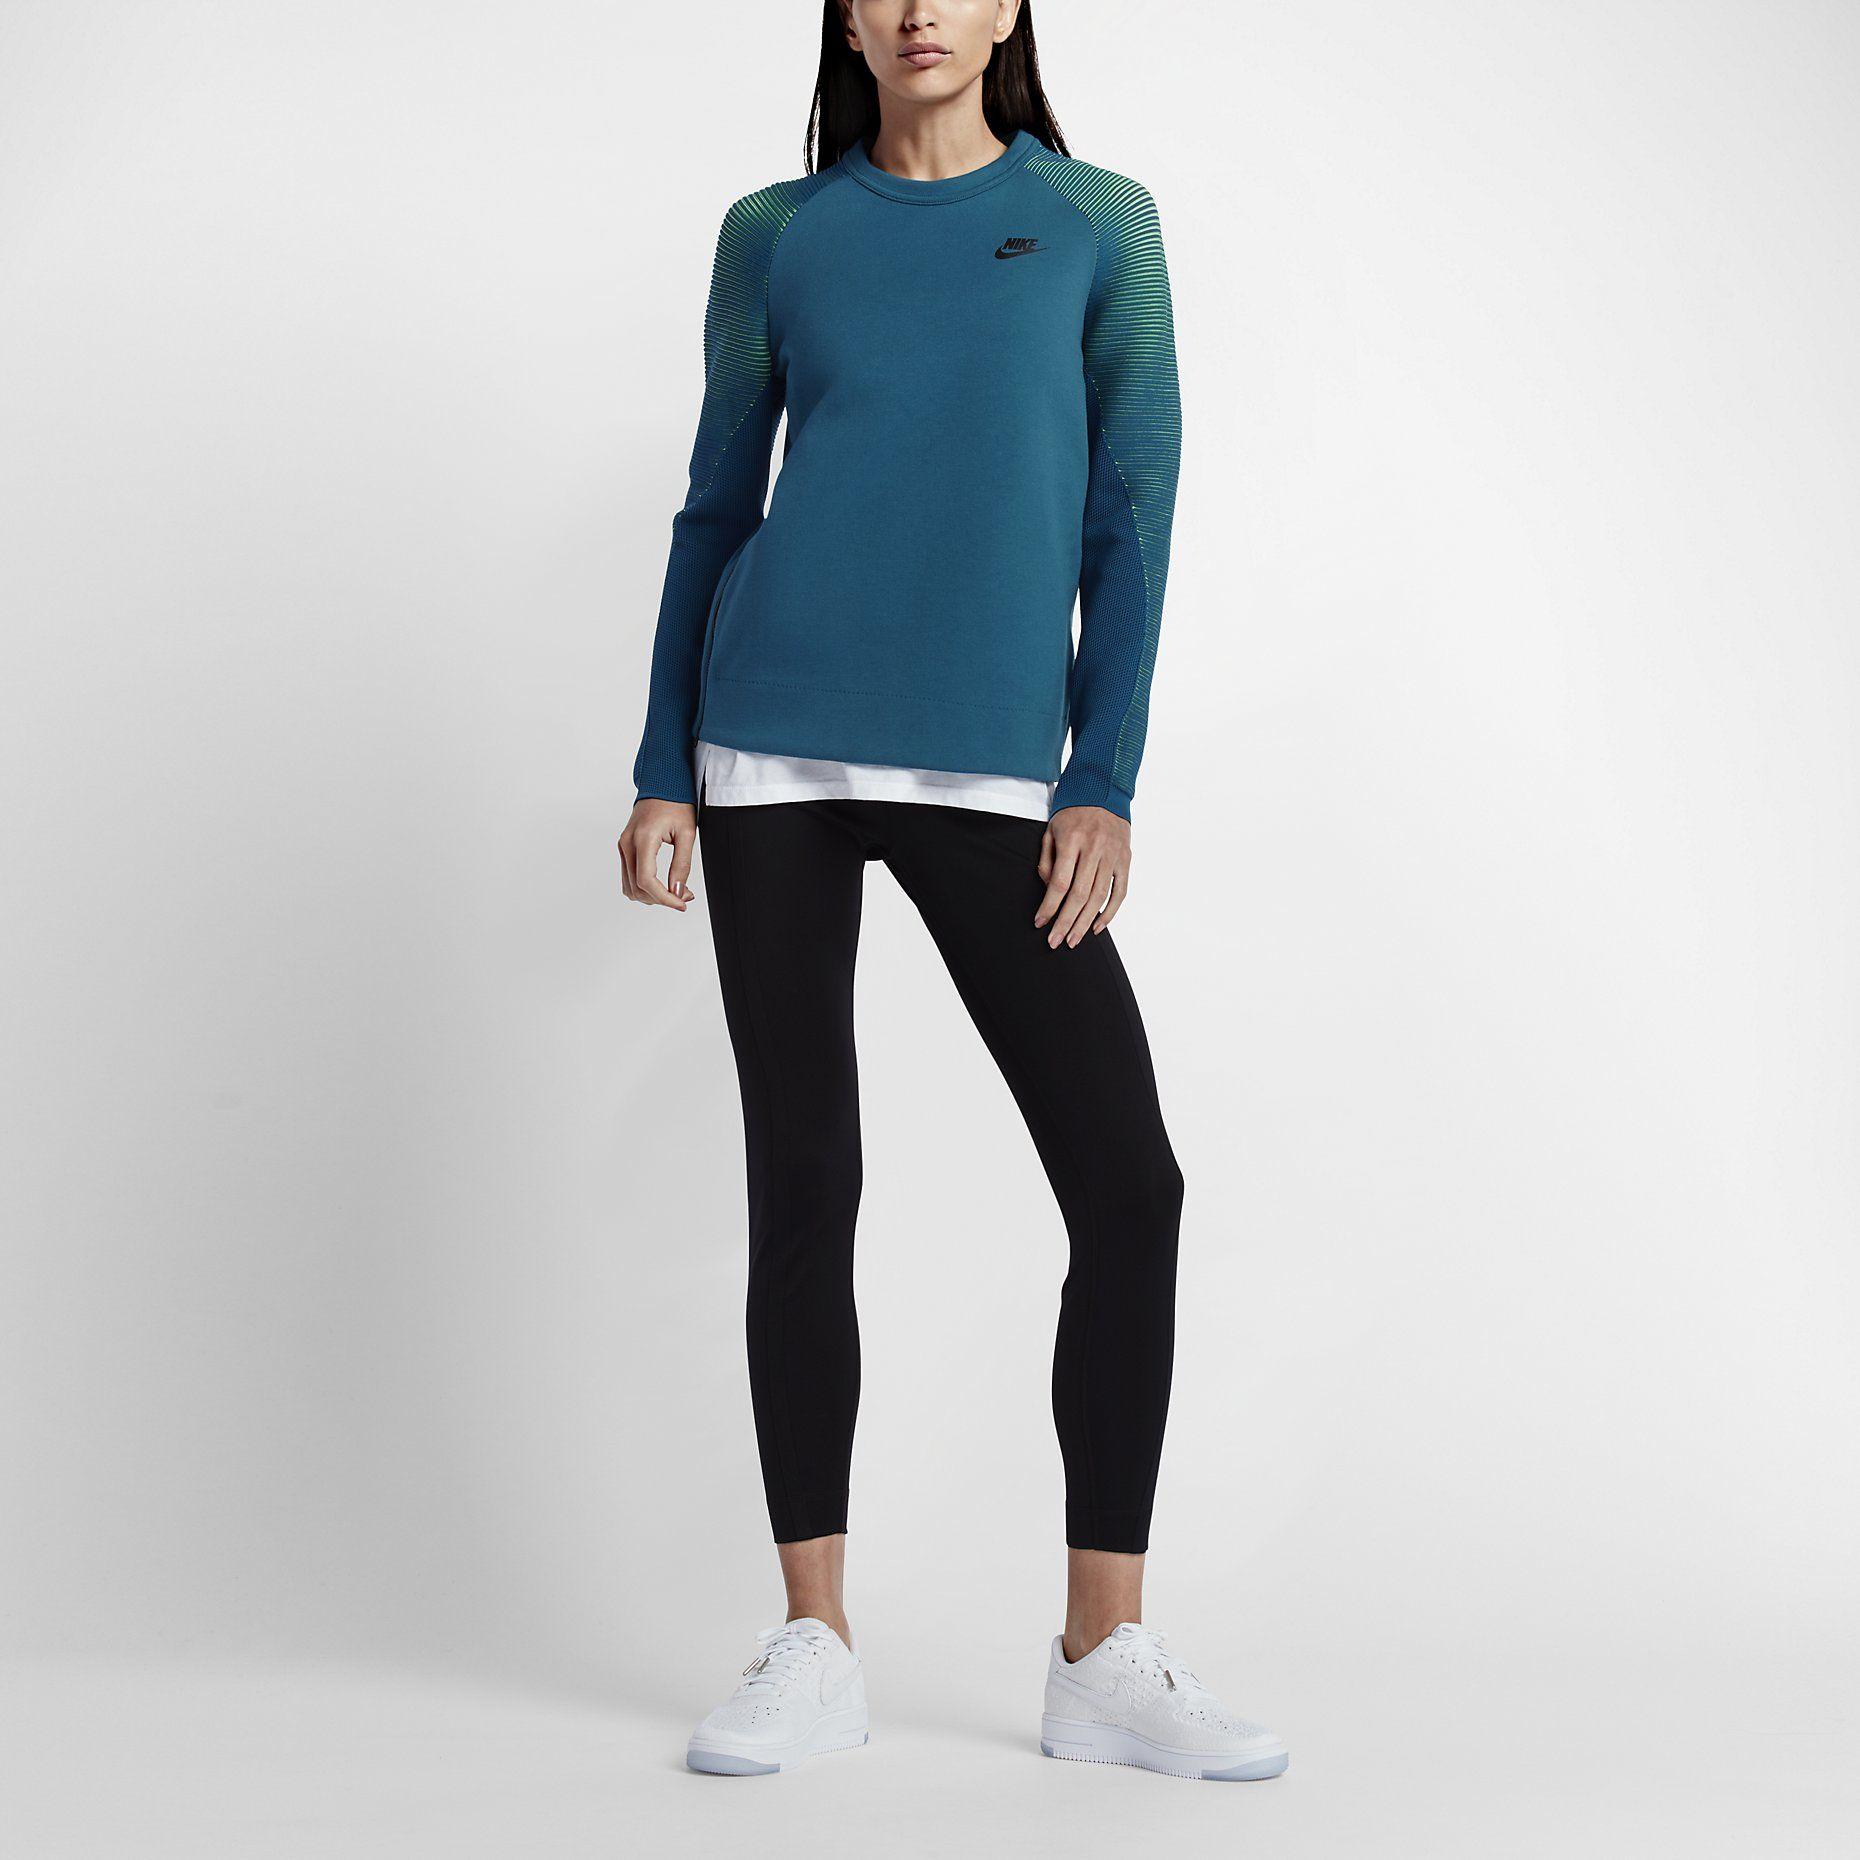 NIKE SPORTSWEAR TECH FLEECE Sportswear, Nike tech, Tech